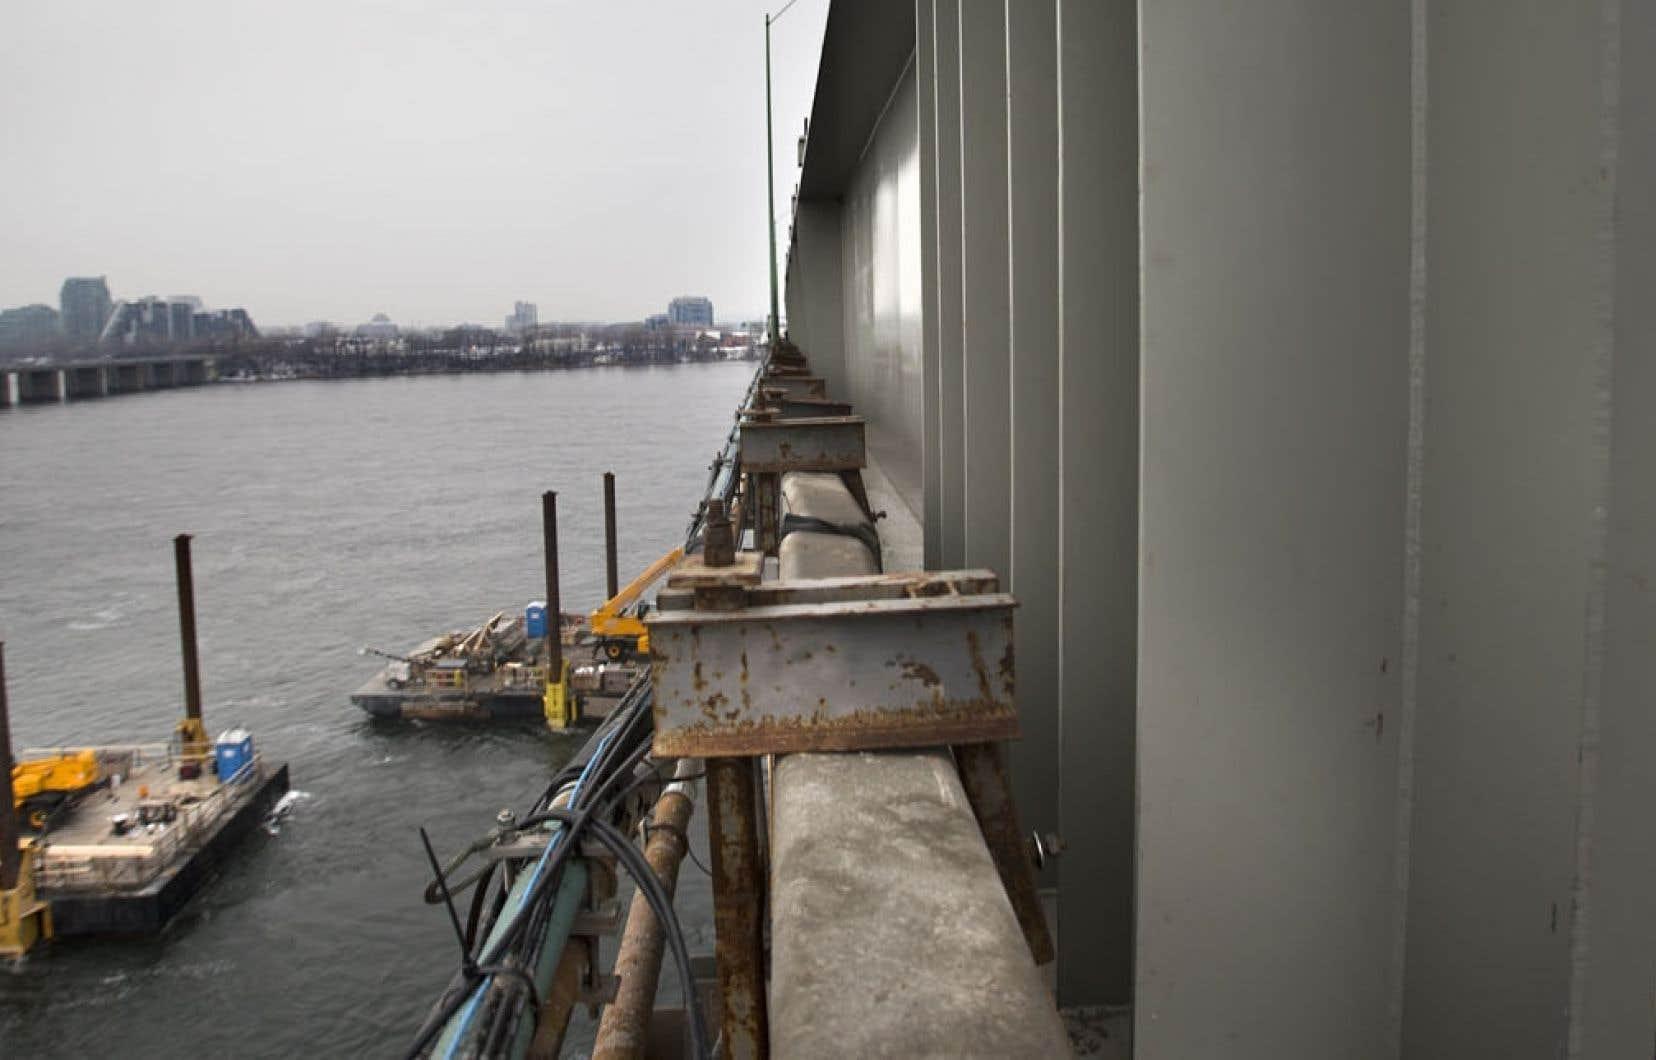 La superpoutre qui vient d'être installée pour solidifier le pont Champlain. Le mégachantier du nouveau pont provoquera un grand dérangement environnemental, selon une étude d'impact.